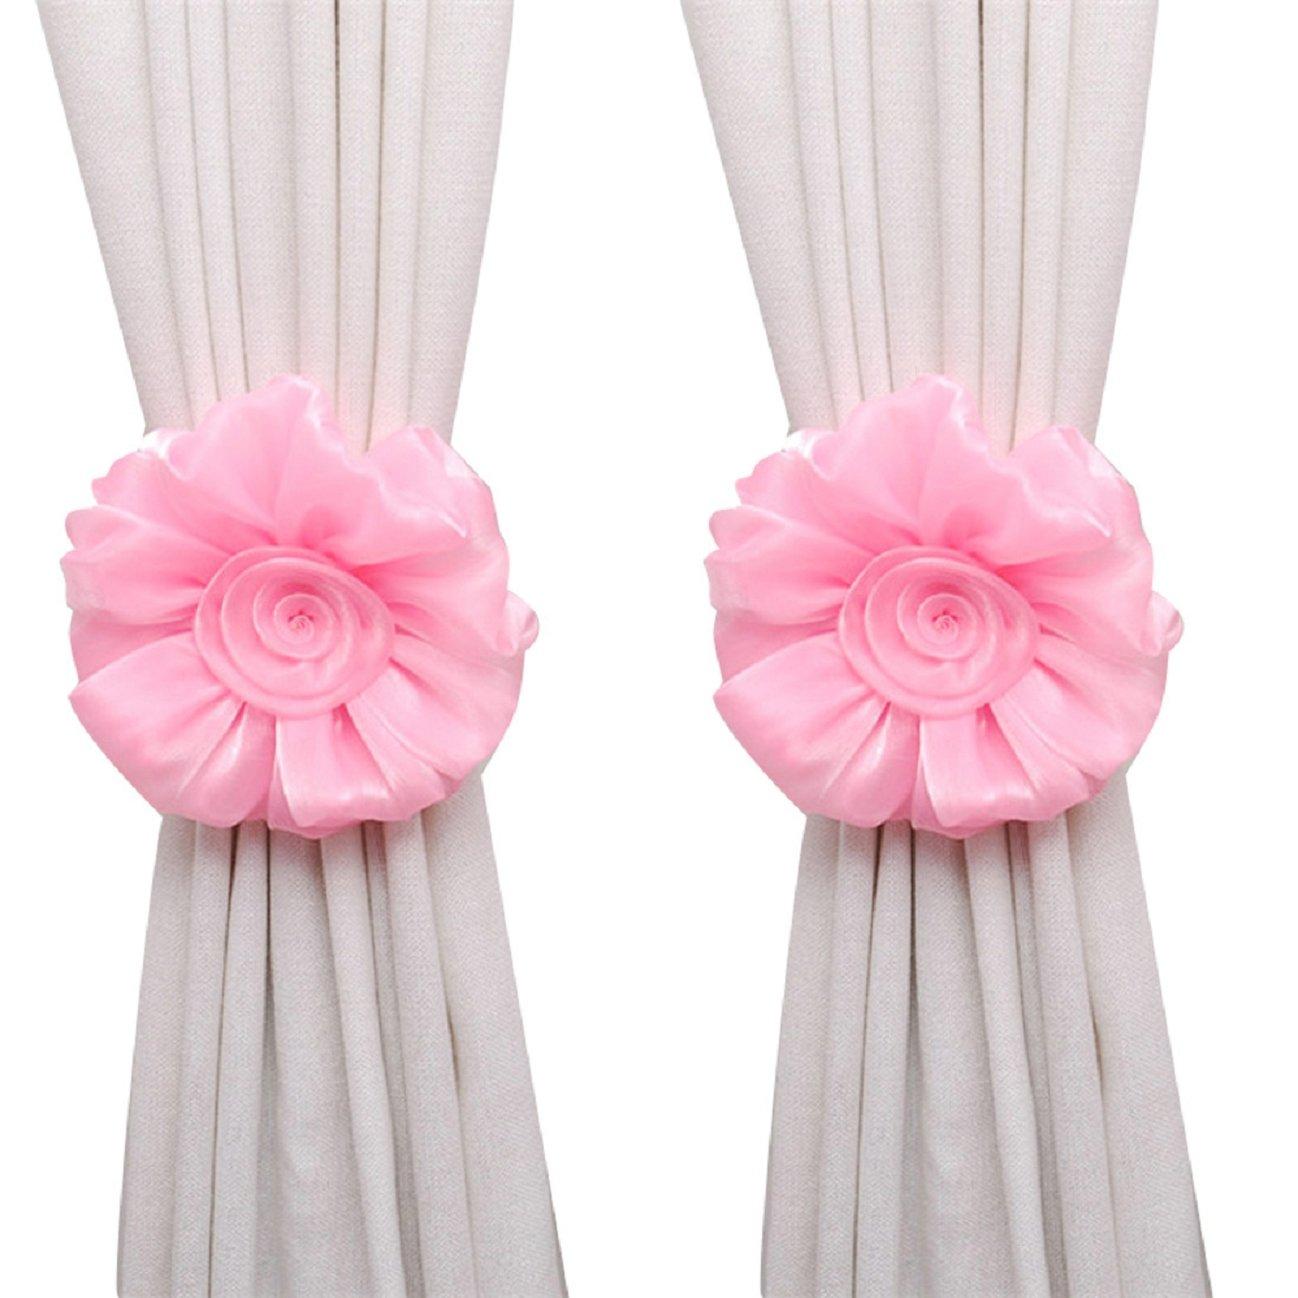 Tonsee 1Pair Rose Flower Window Curtain Tieback Buckle Clamp Hook Fastener Decor (Pink)